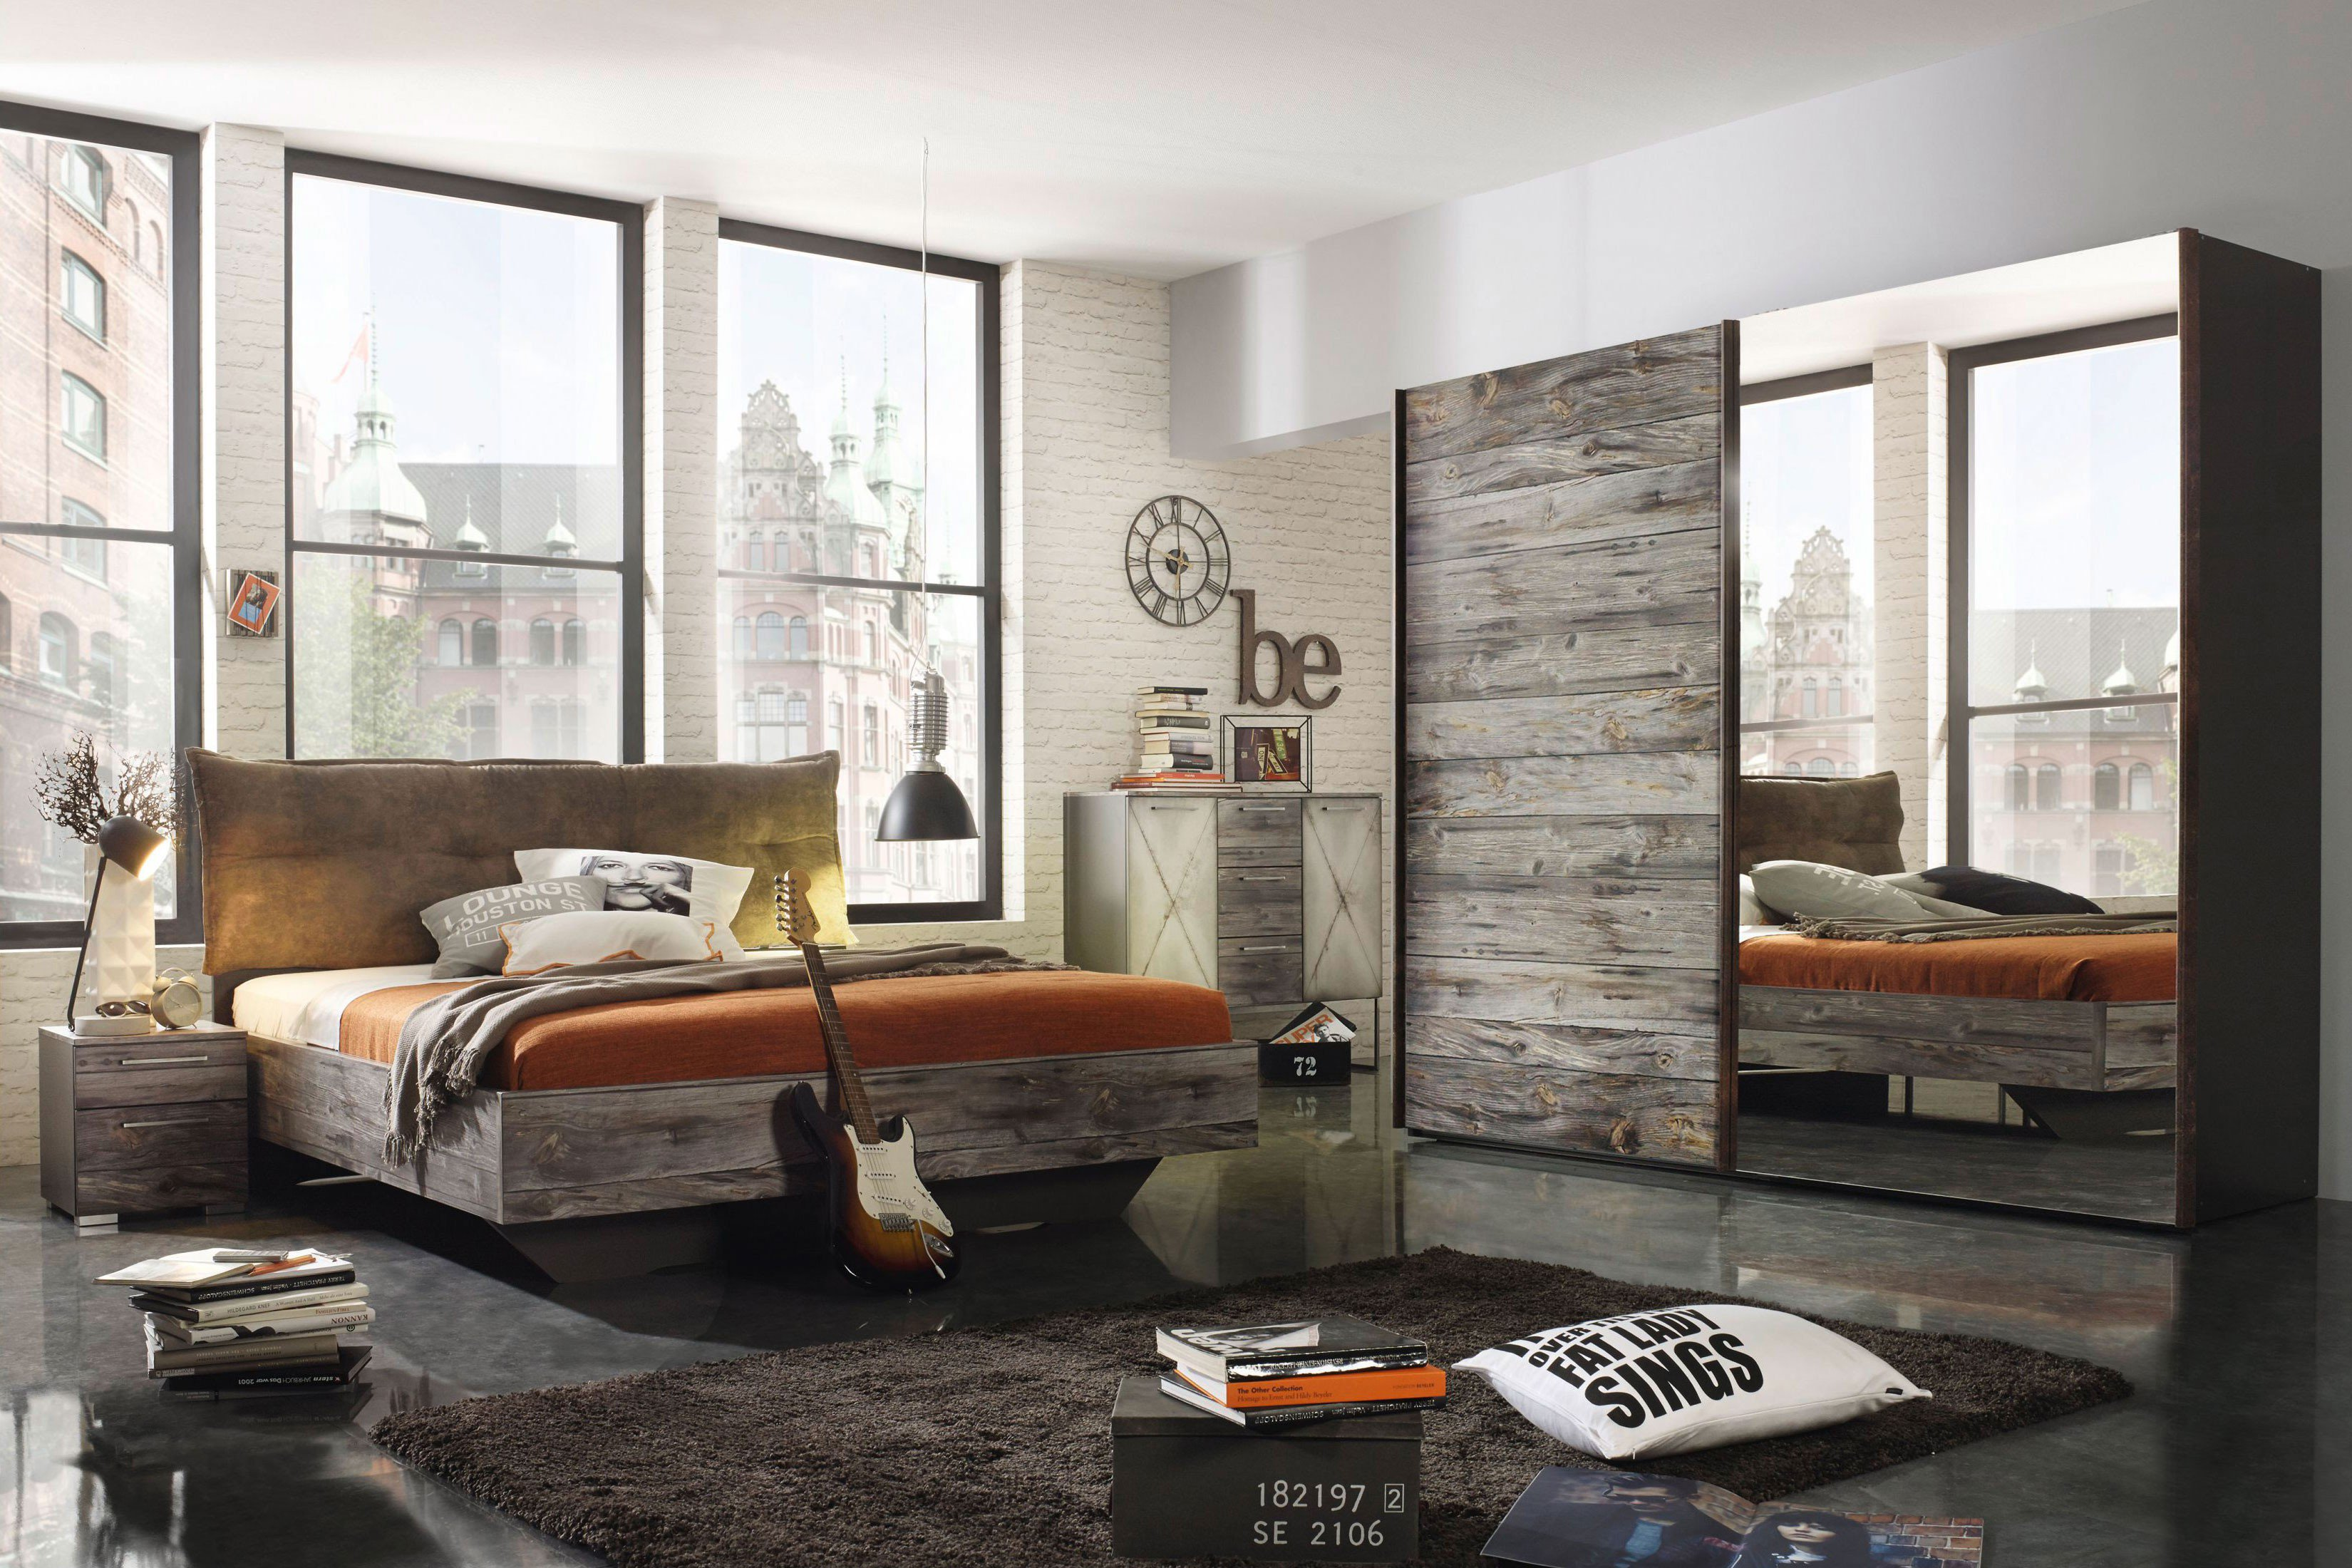 schlafzimmer mann mobilia kleines schlafzimmer altbau einrichten pinterest wandgestaltung. Black Bedroom Furniture Sets. Home Design Ideas